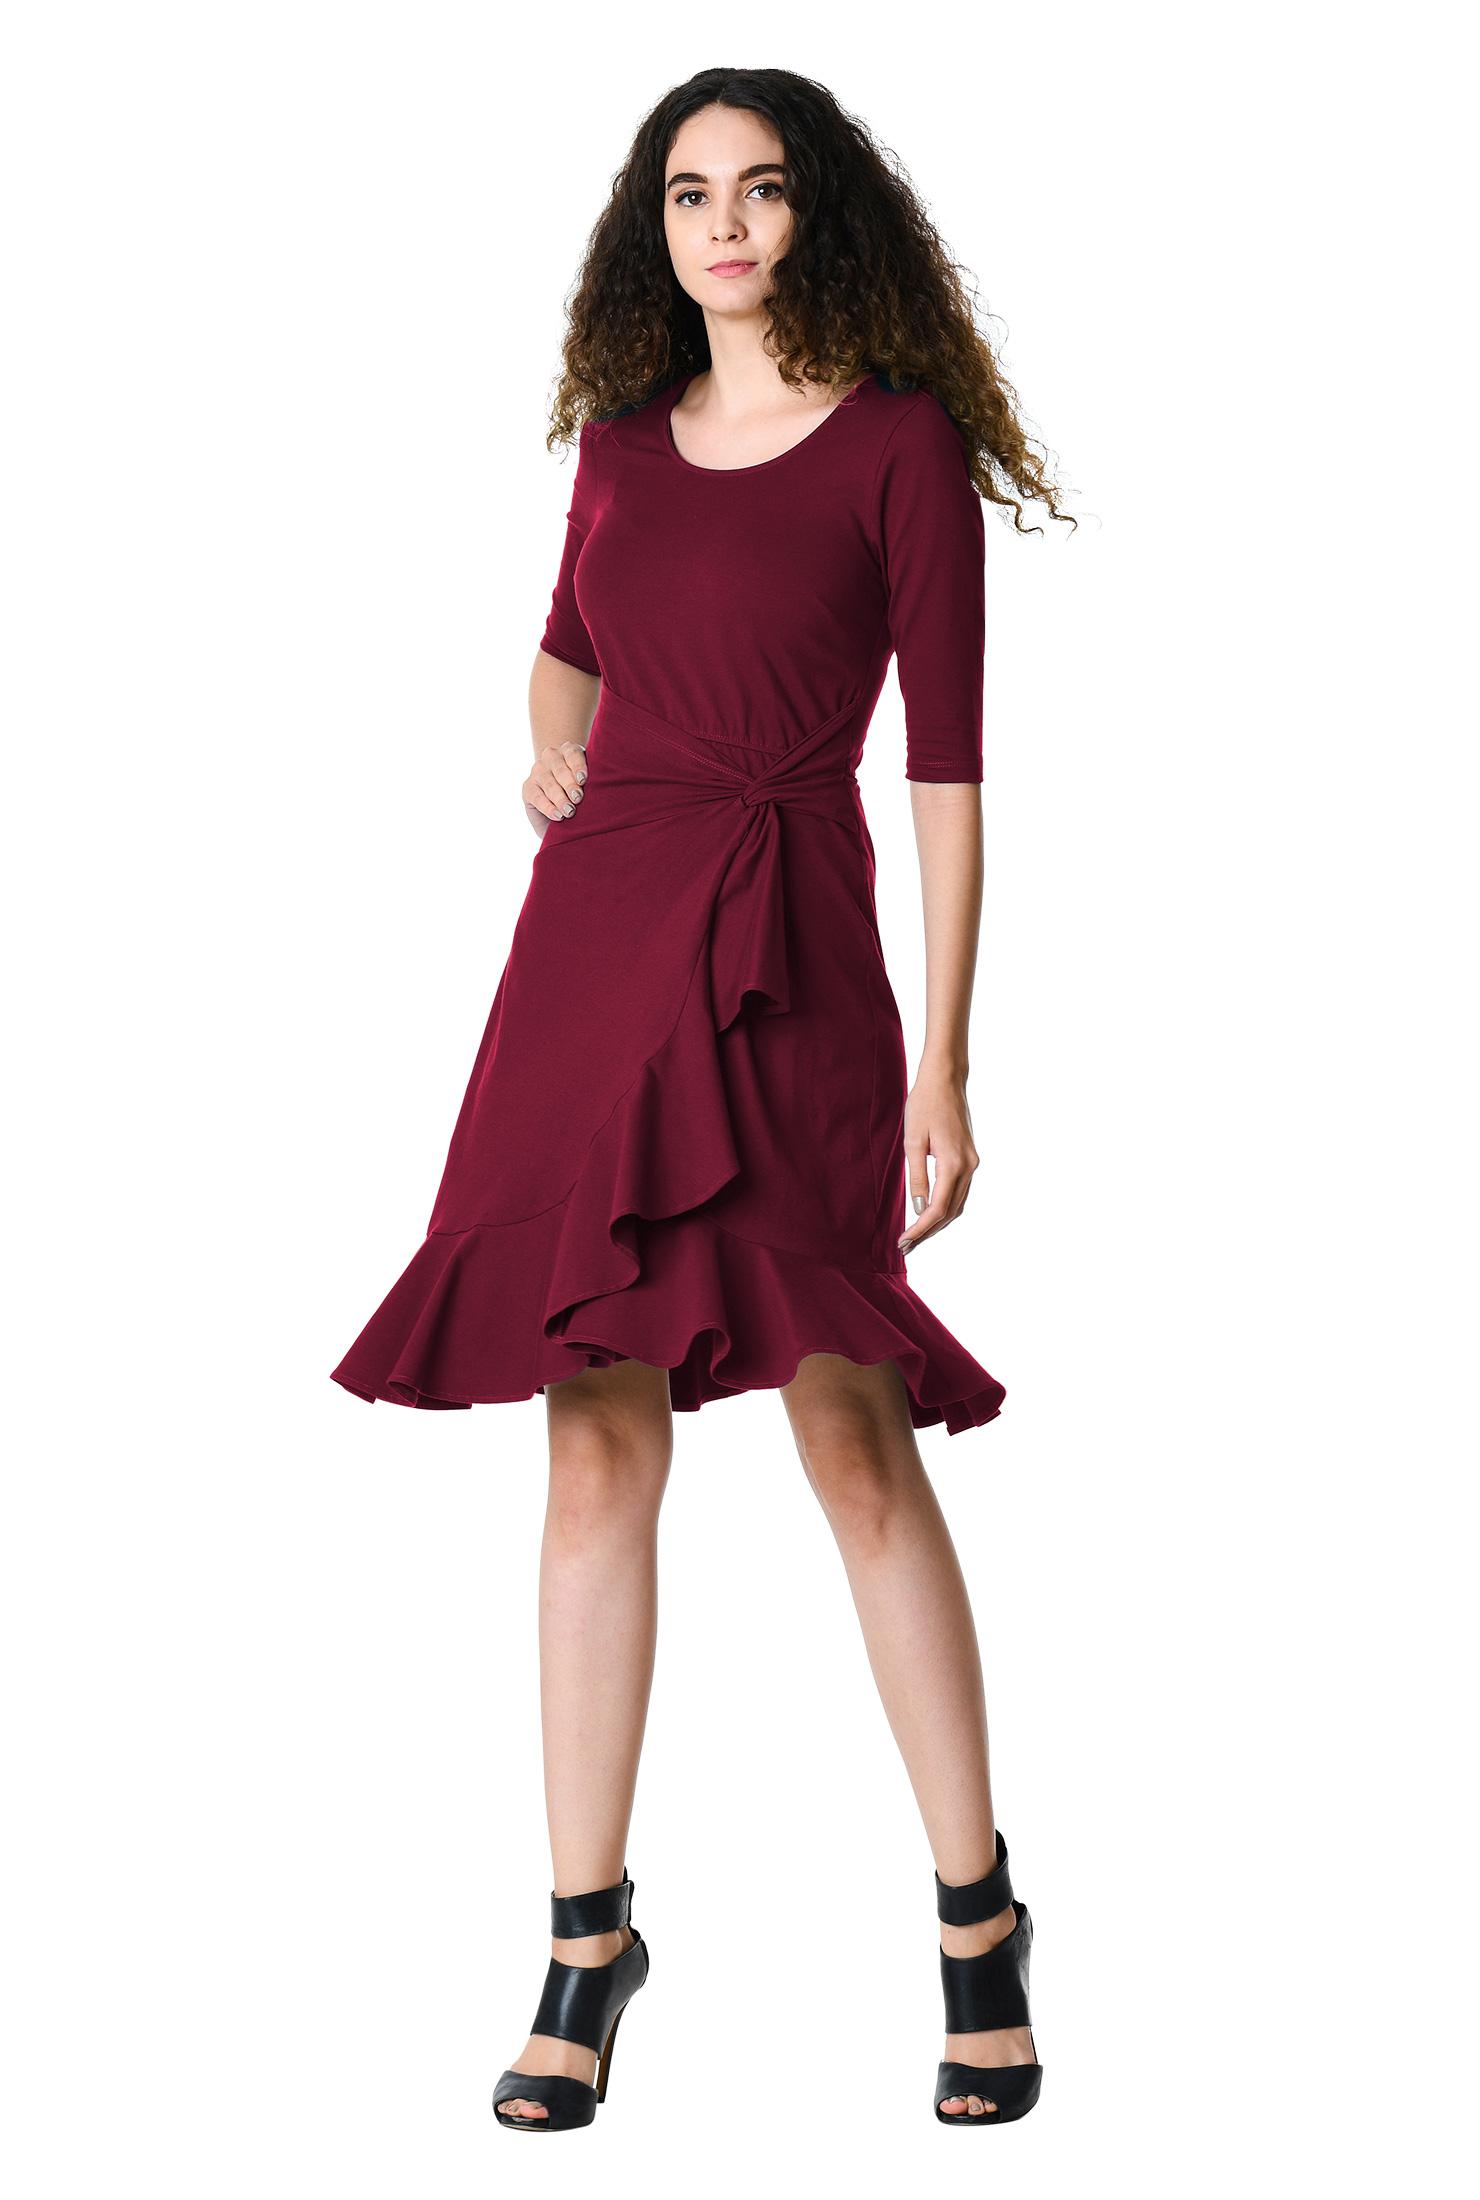 f7daaf5ec2 Women s Fashion Clothing 0-36W and Custom